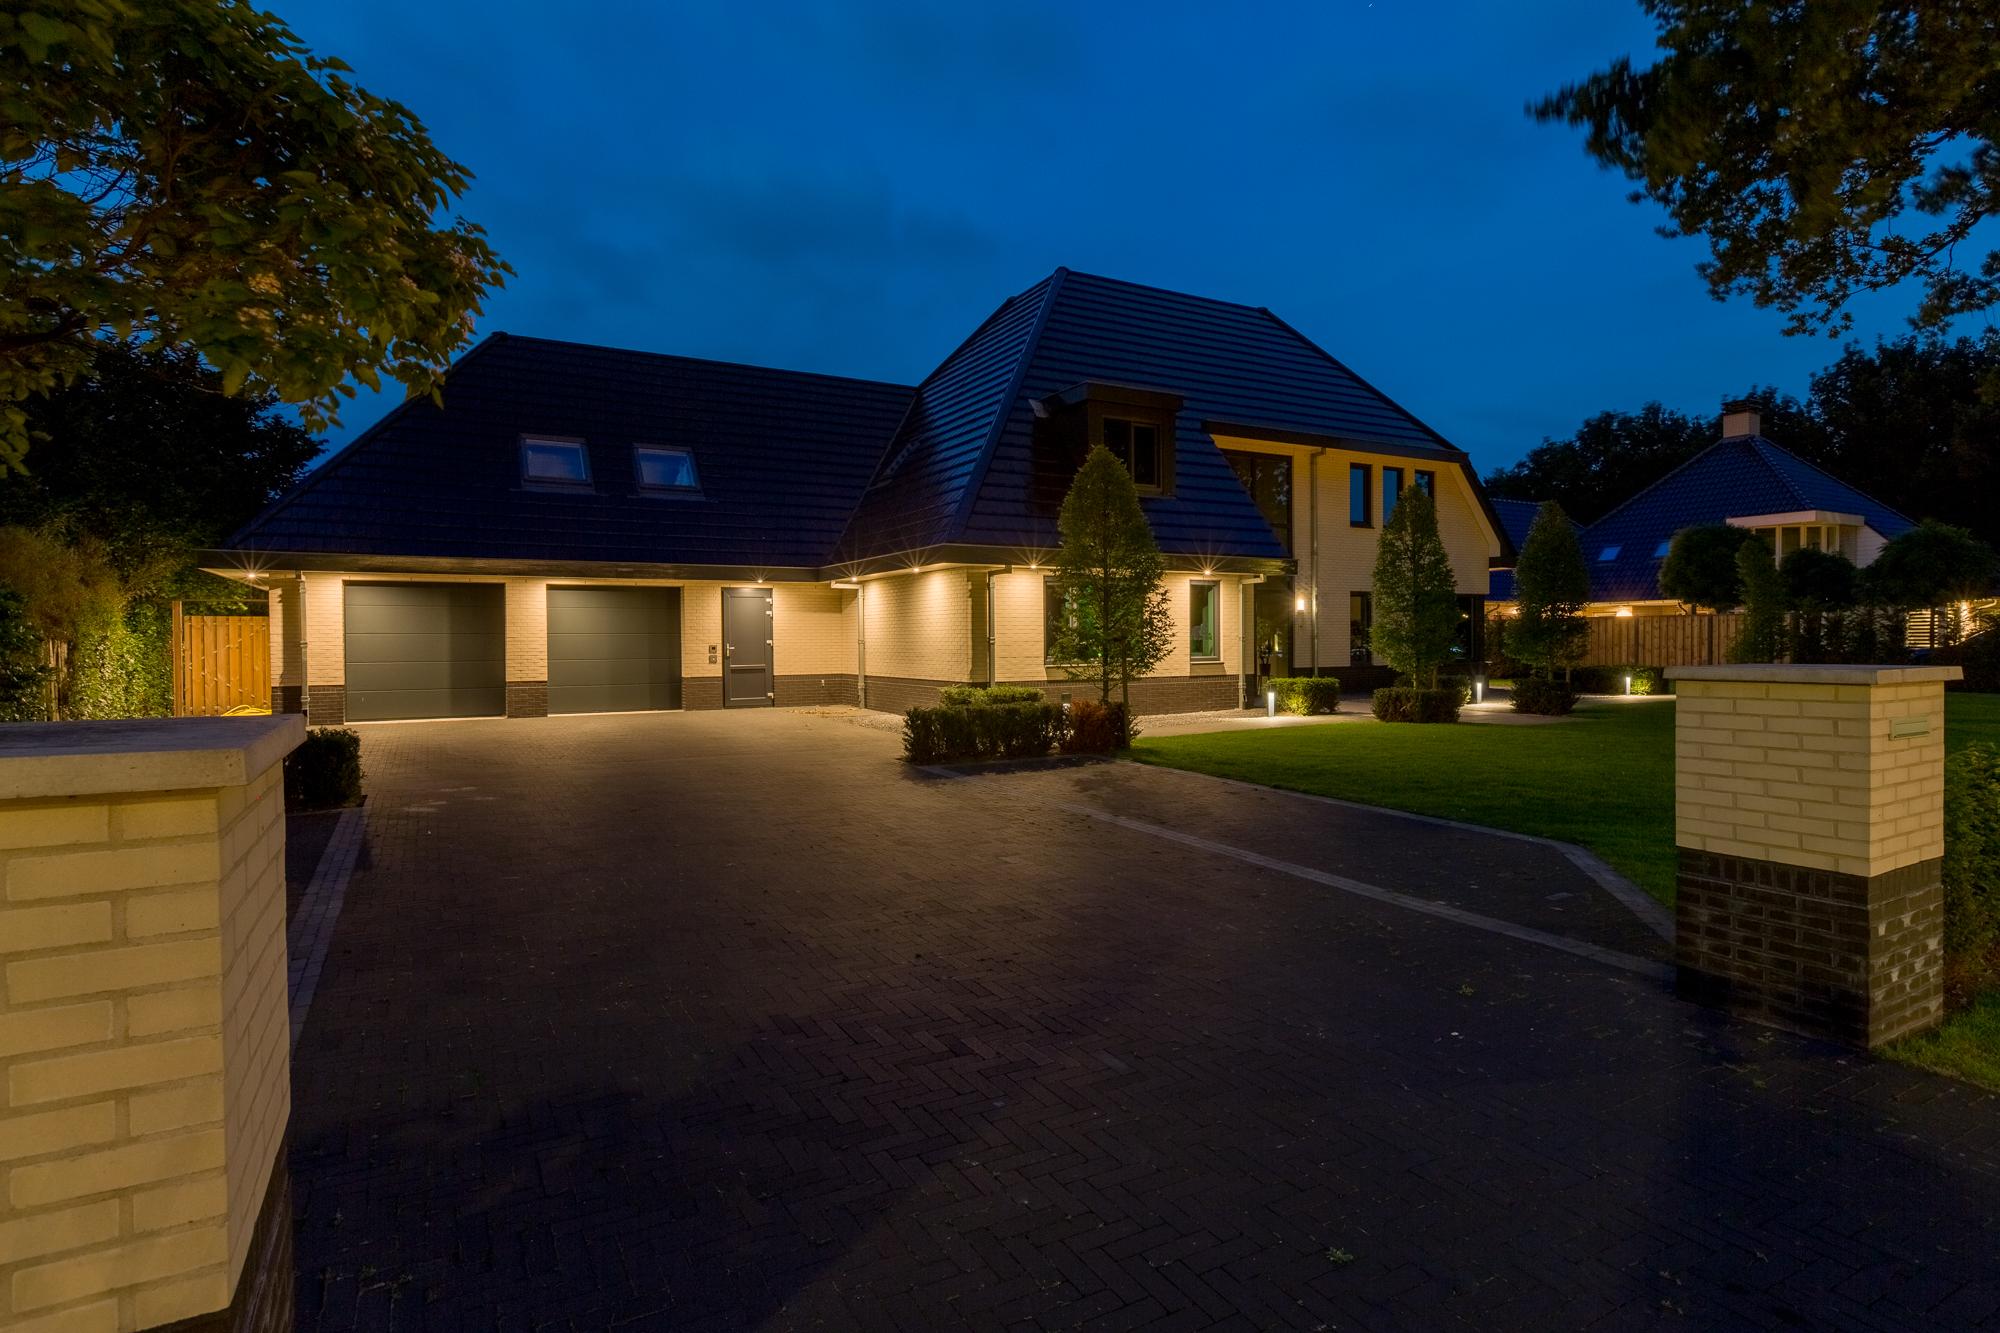 Muller Licht buitenverlichting, woonhuis, tuin, oprit, woonhuis, verlicht voor veiligheid en sfeer